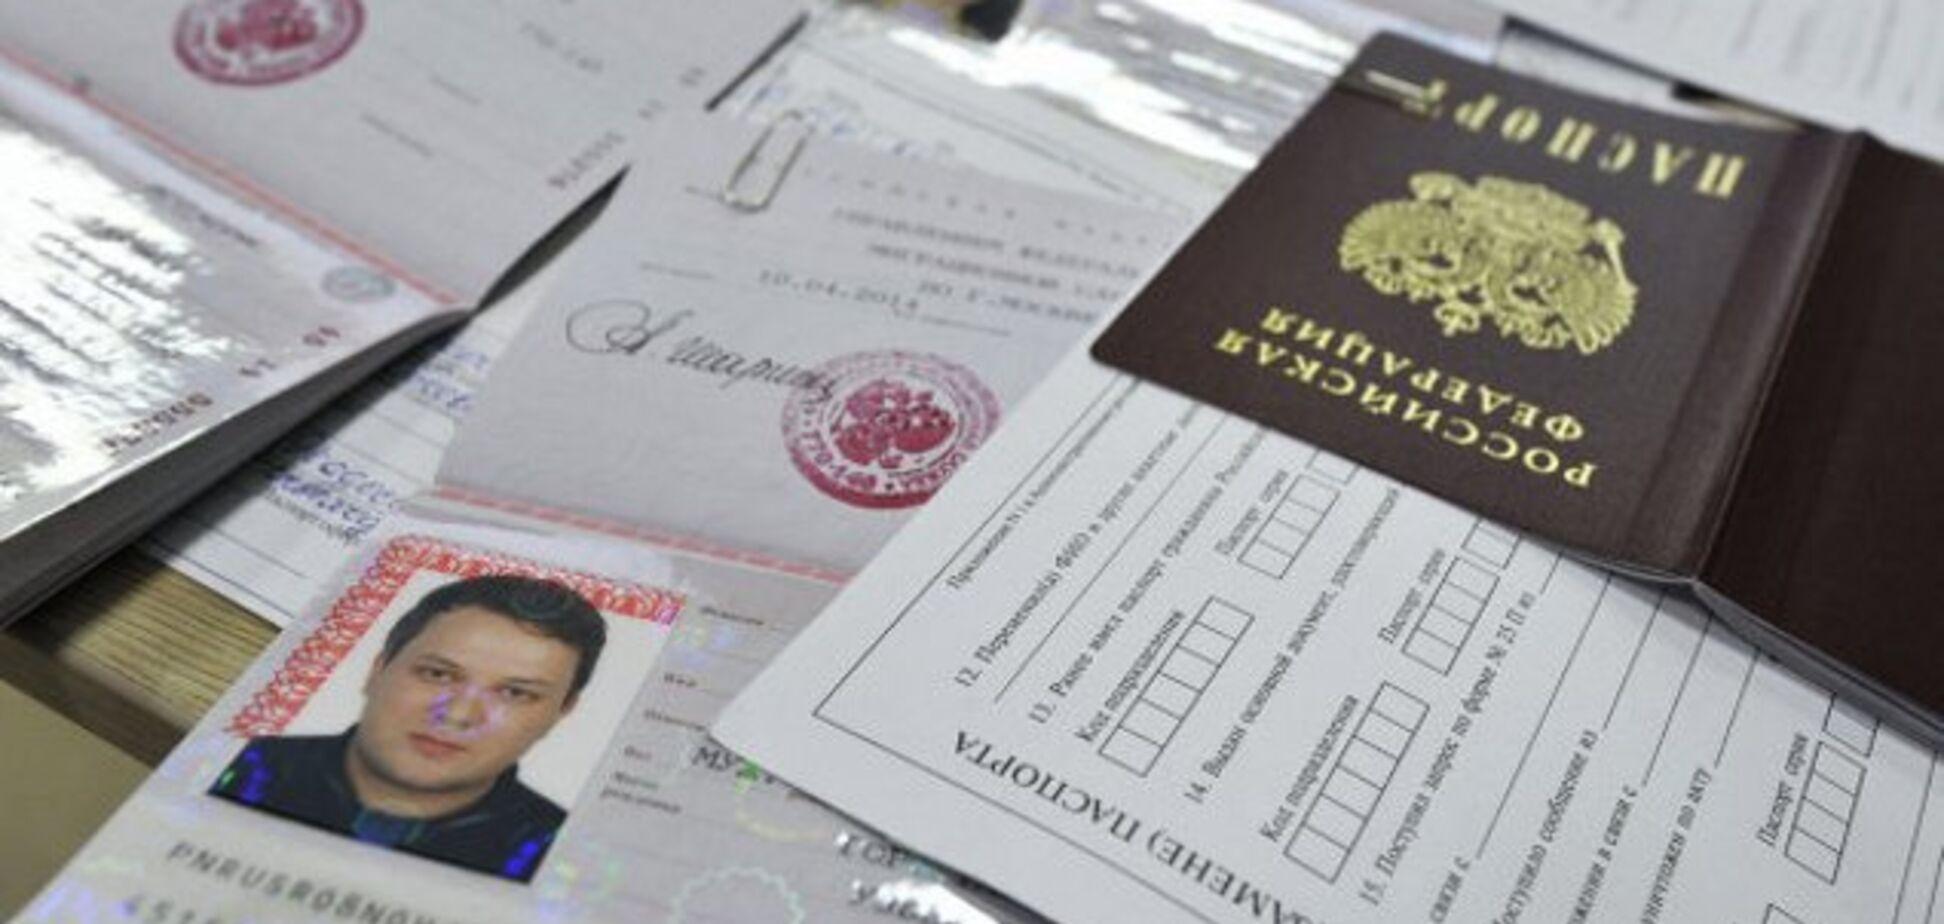 Крымчан начали массово лишать гражданства России